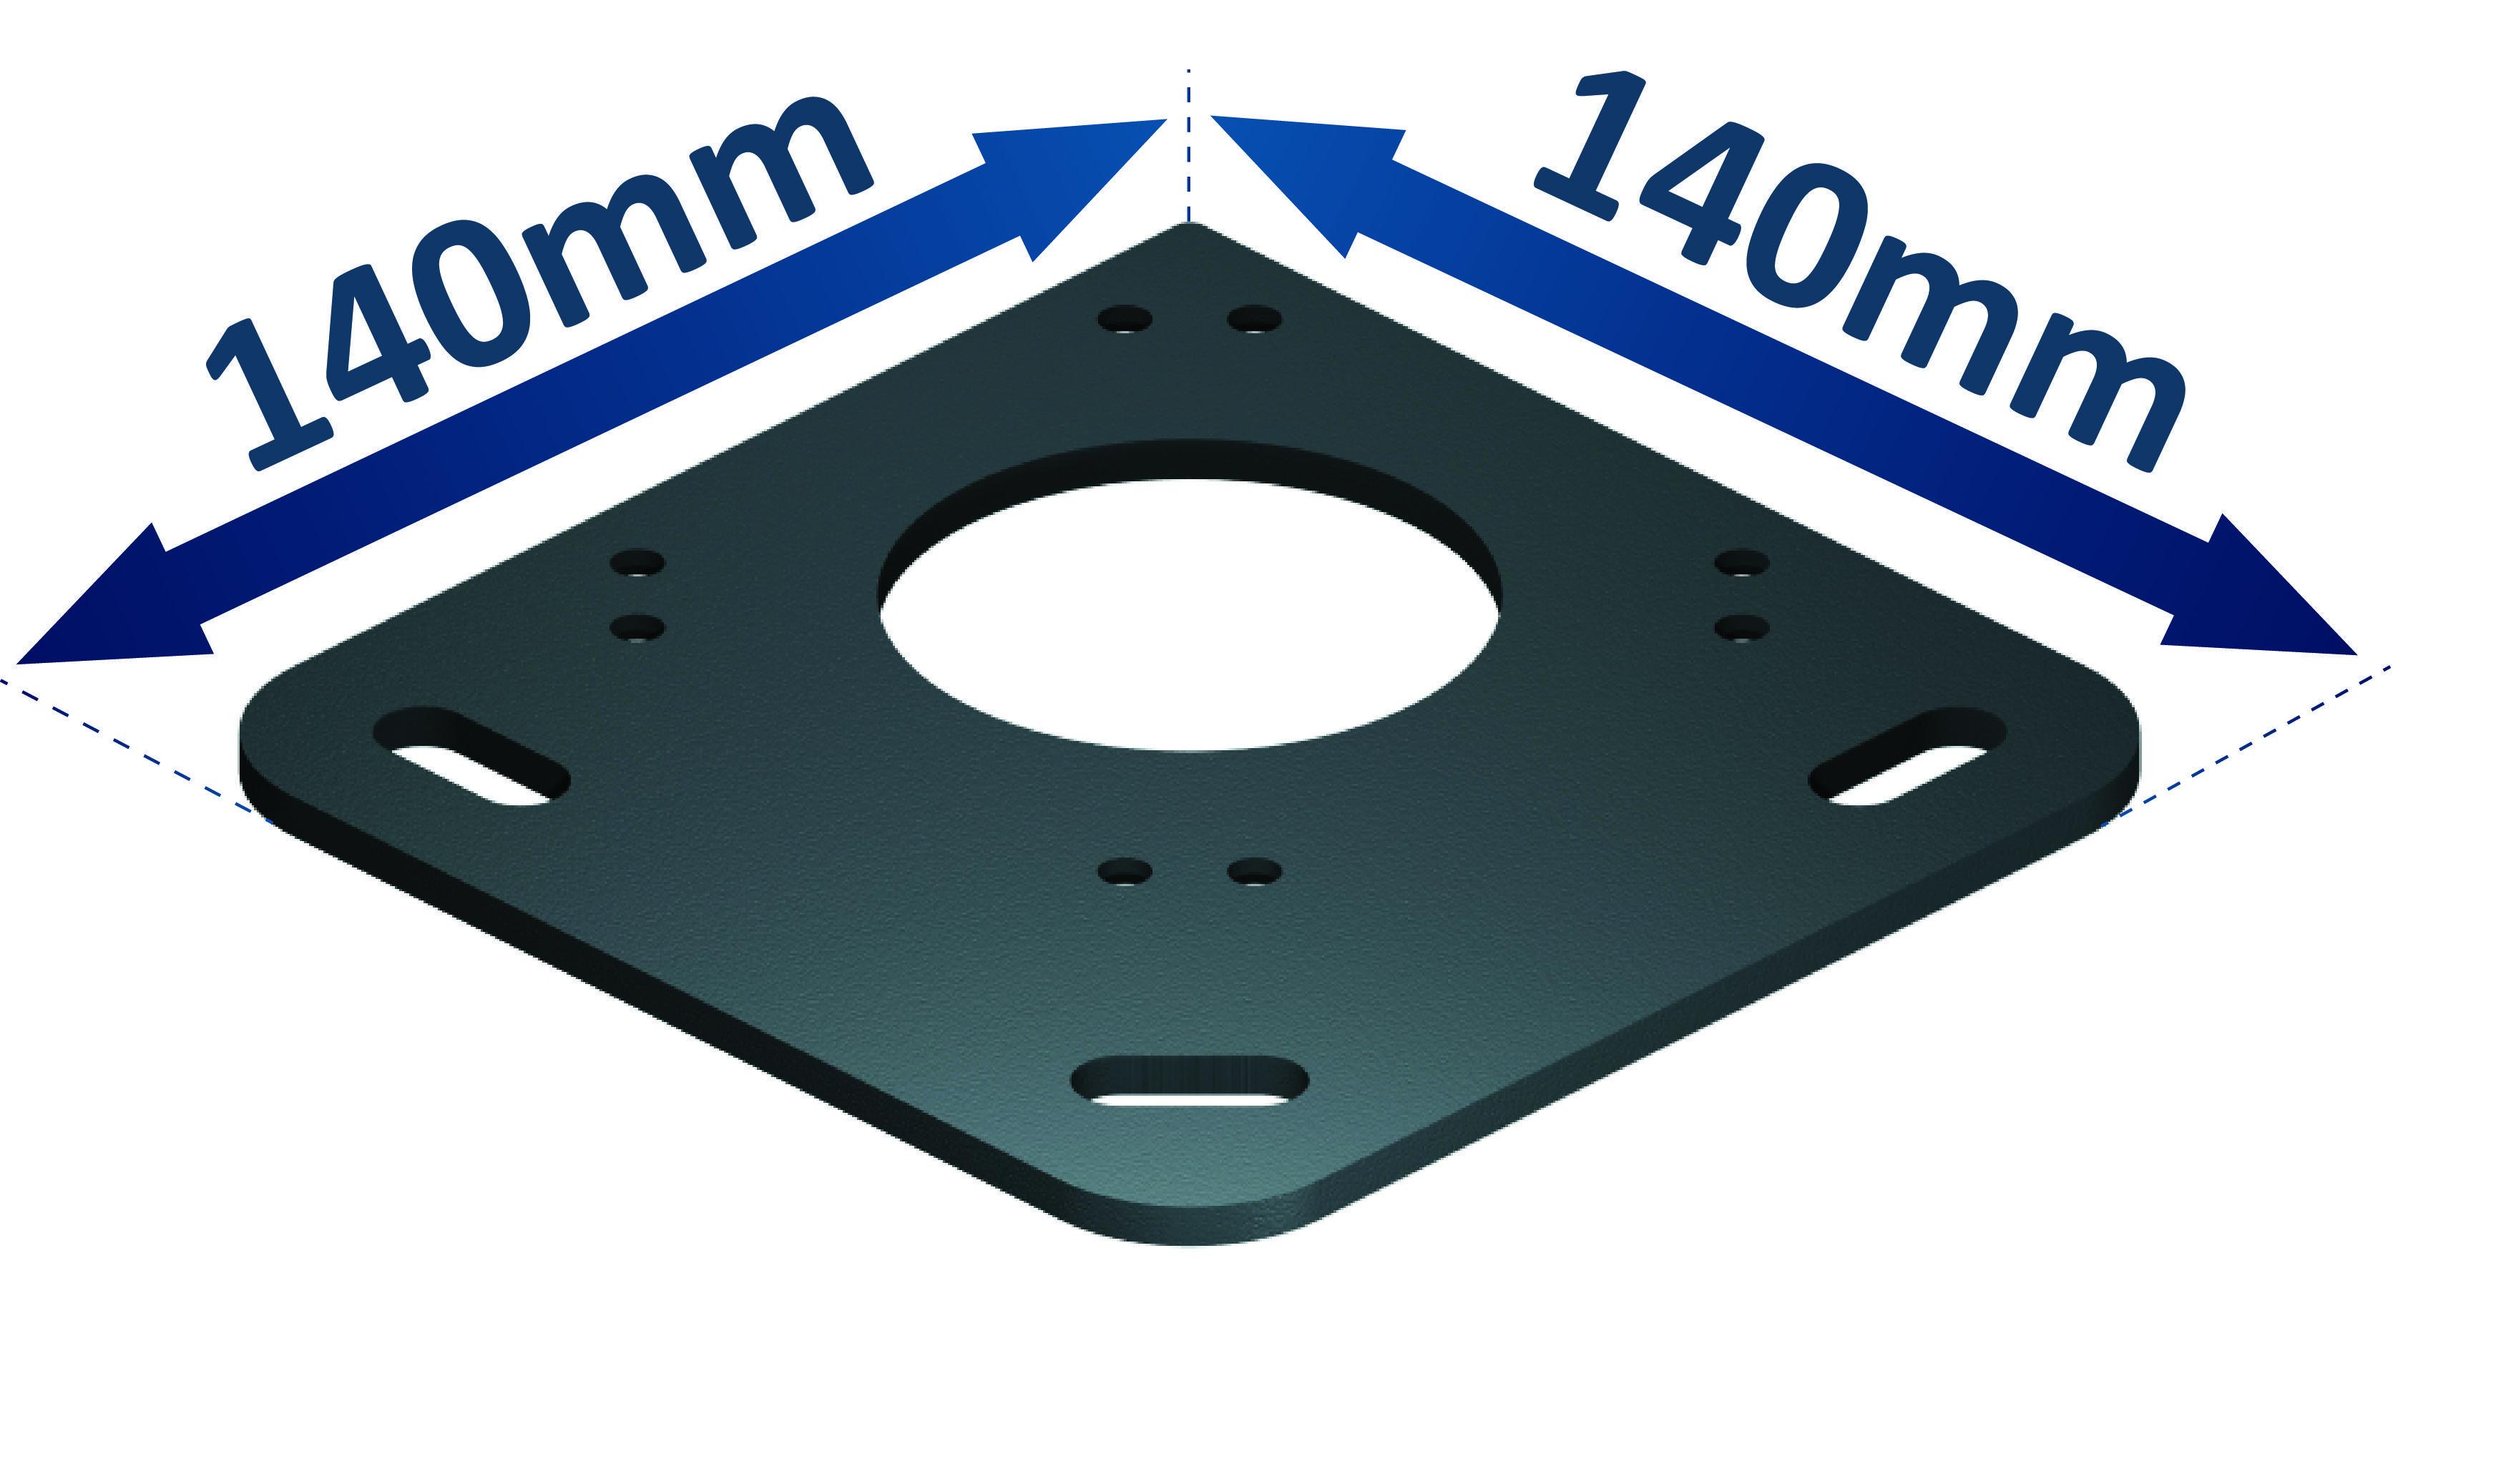 Encombrement de la platine aluminium de sol pour pergola bioclimatique h2 hélios à lames orientables